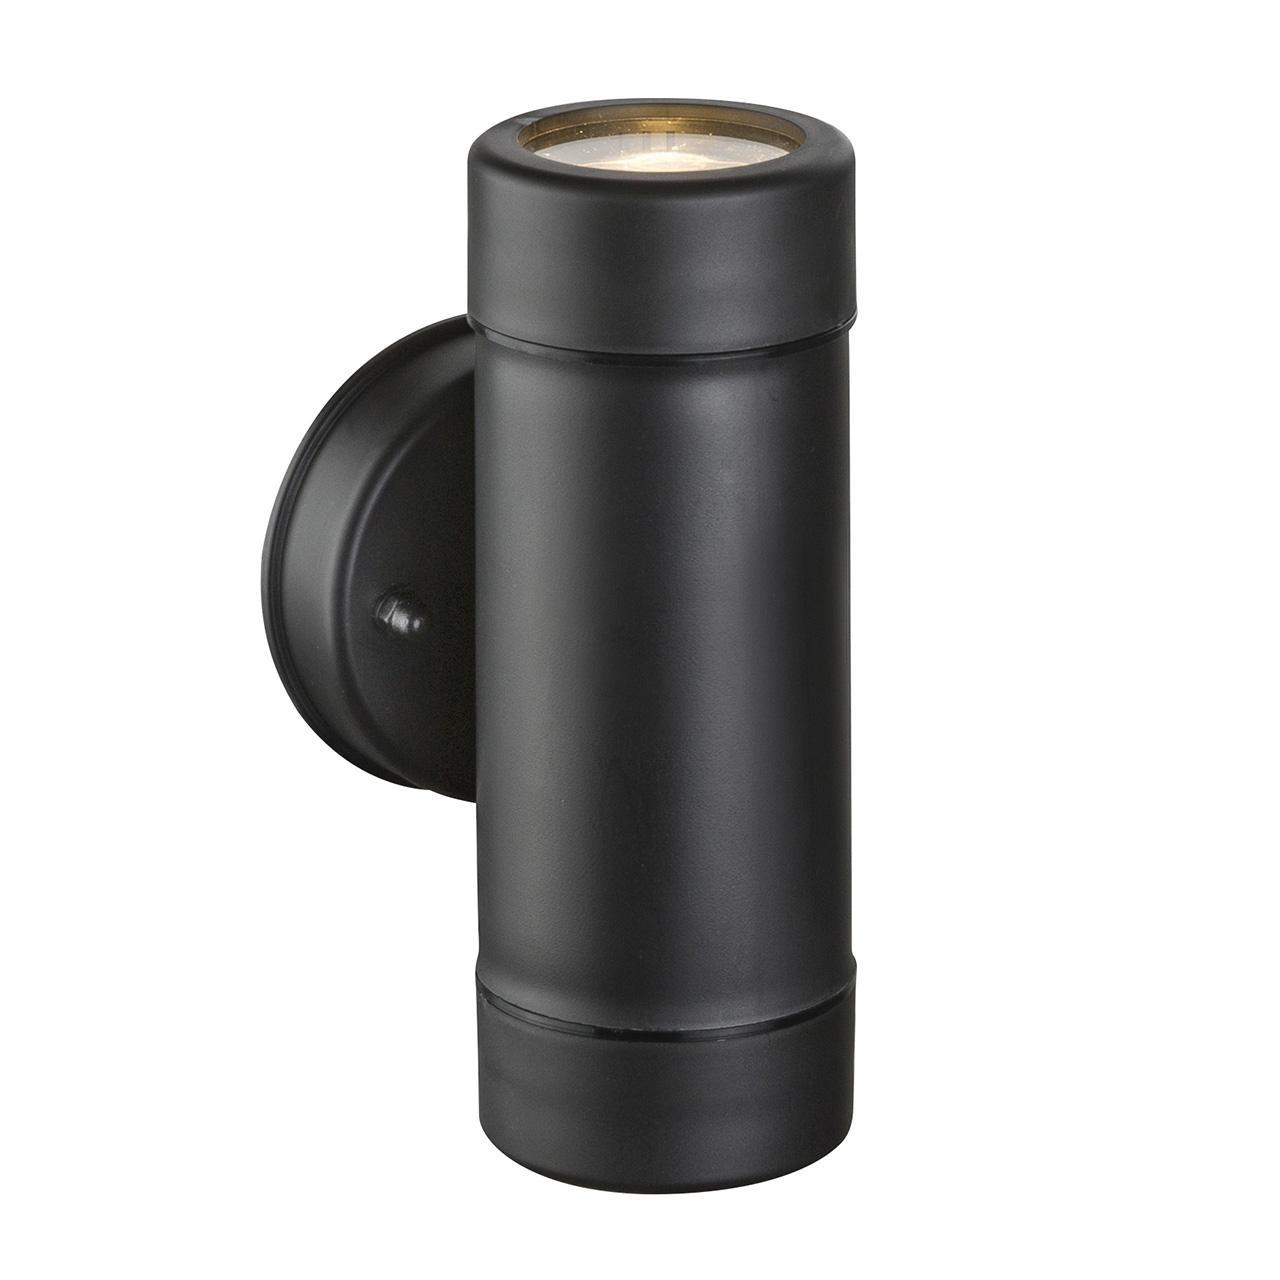 Уличный настенный светодиодный светильник Globo Cotopa 32005-2 светильник 32005 31 16 philips